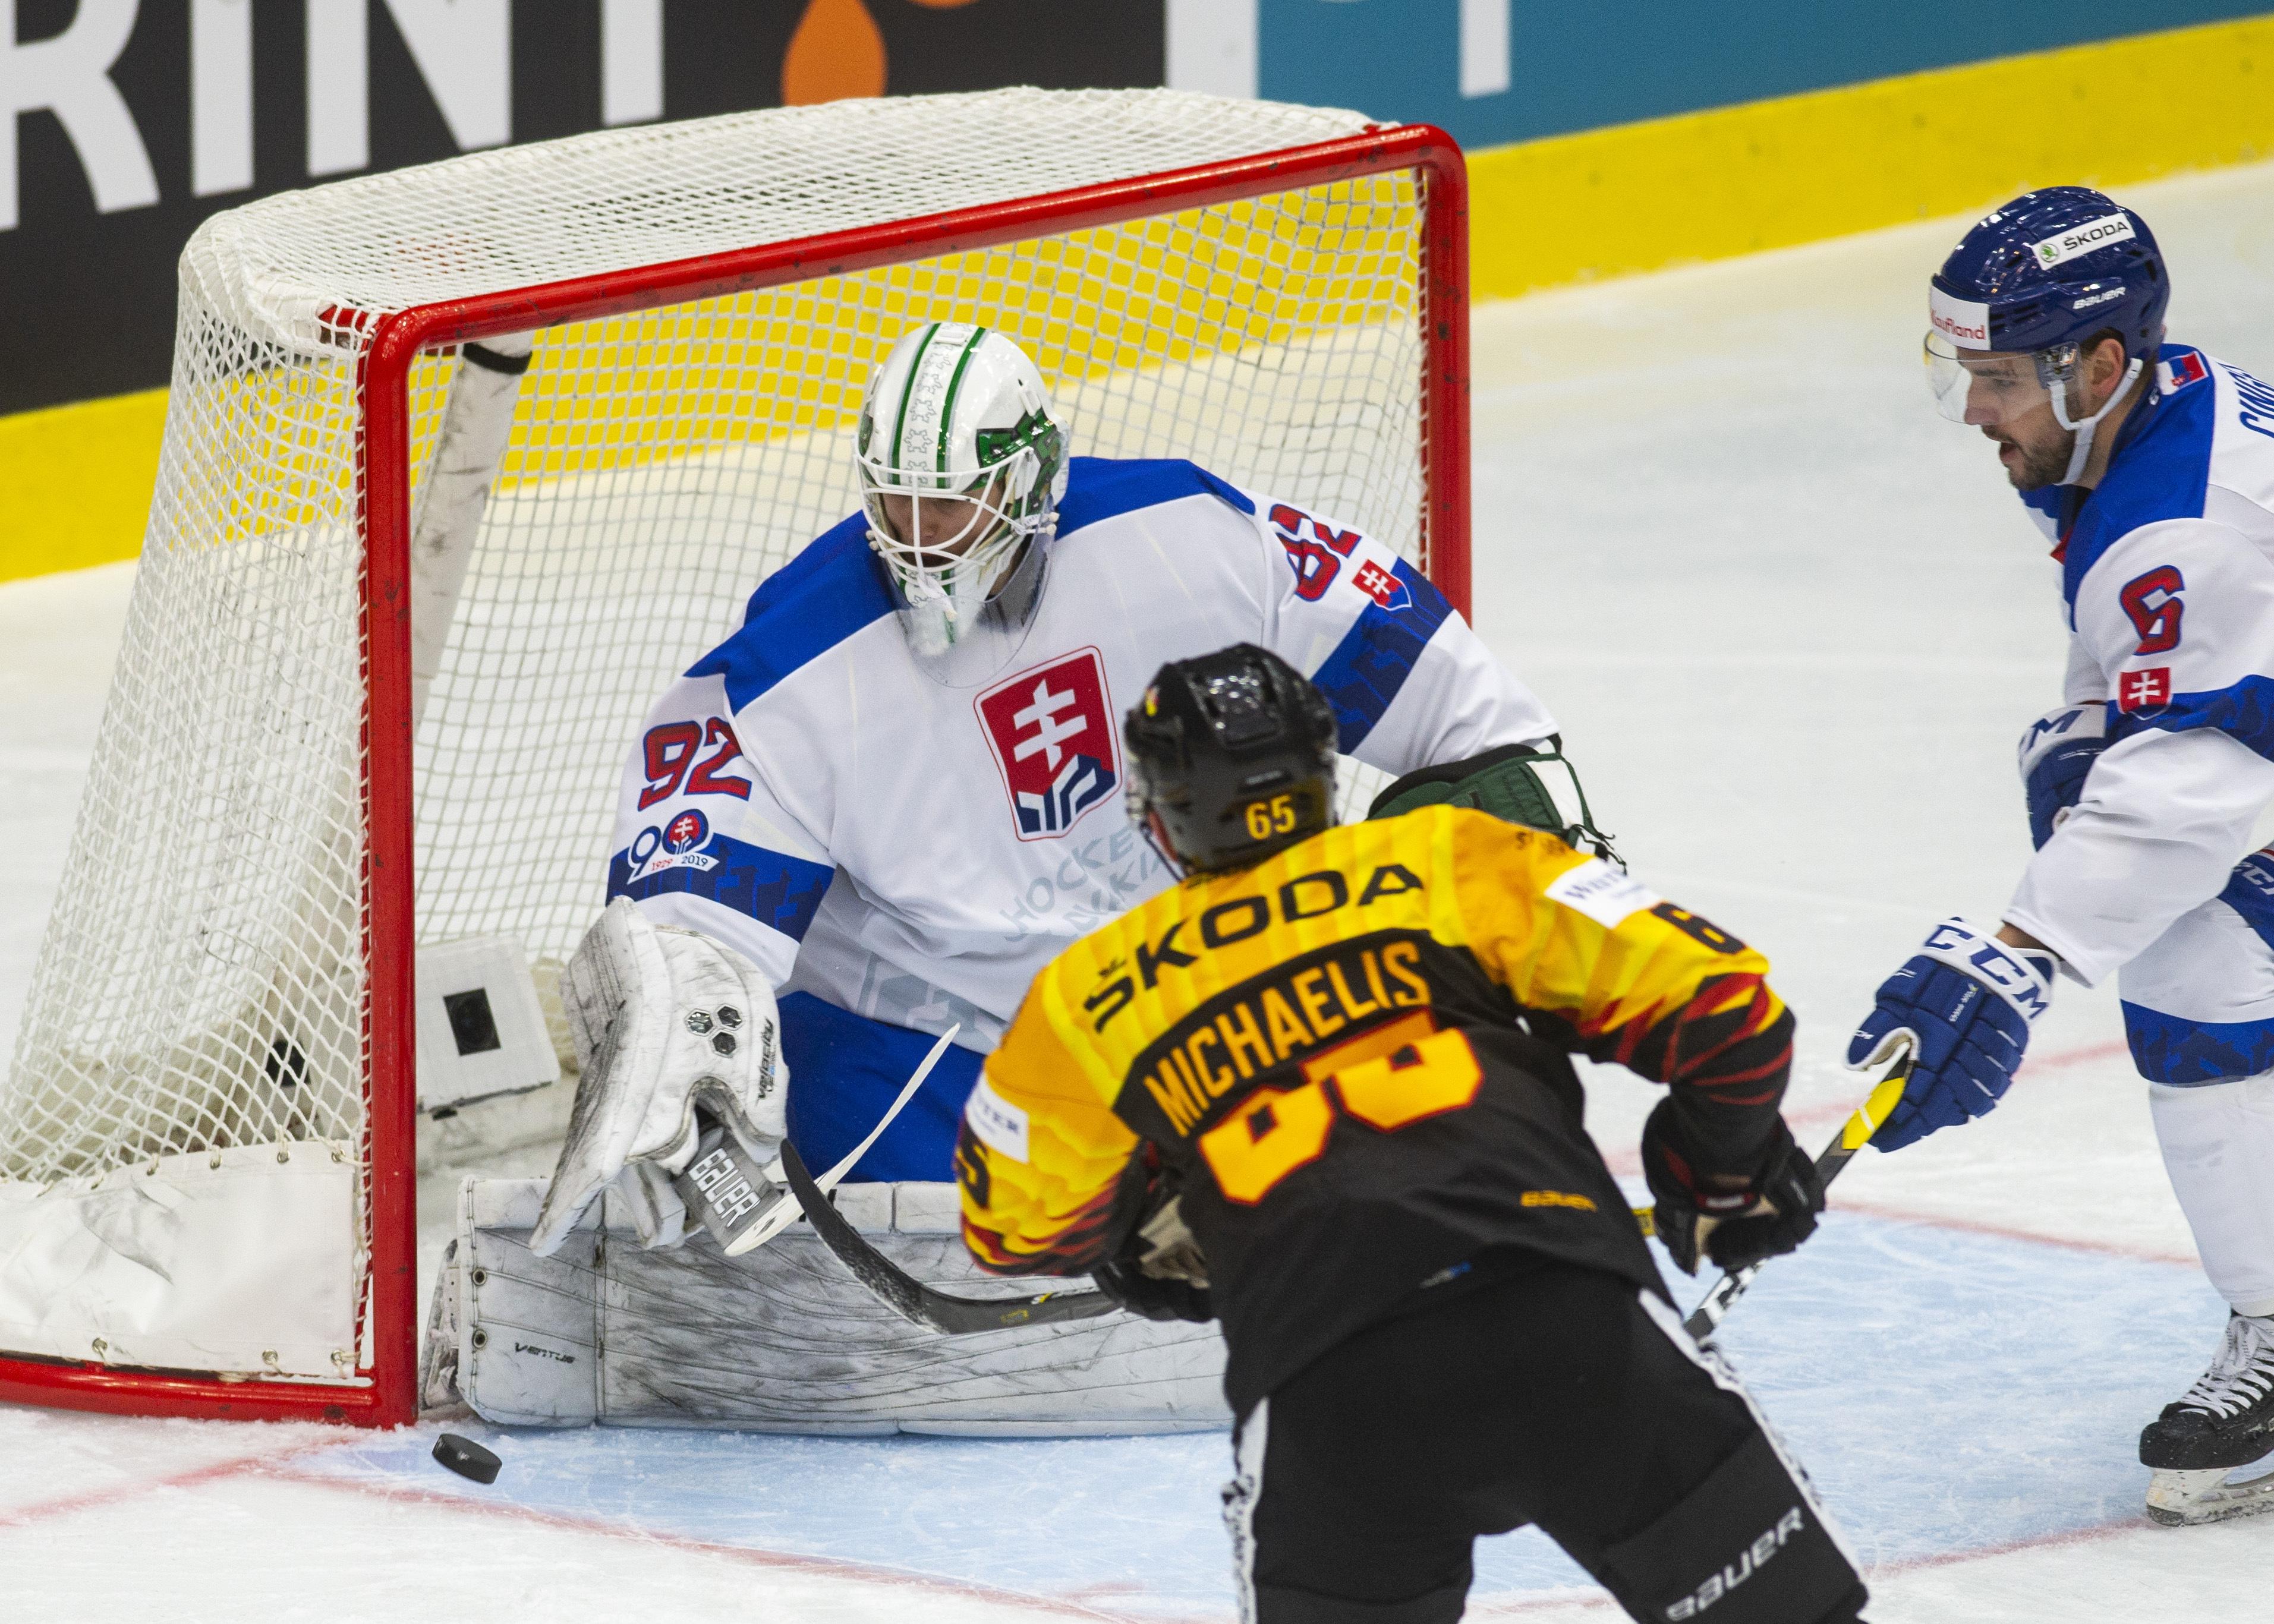 2737dd4addab6 Nemecko : Slovensko - Online prenos - 2. prípravný zápas - MS v hokeji 2019  - Šport SME